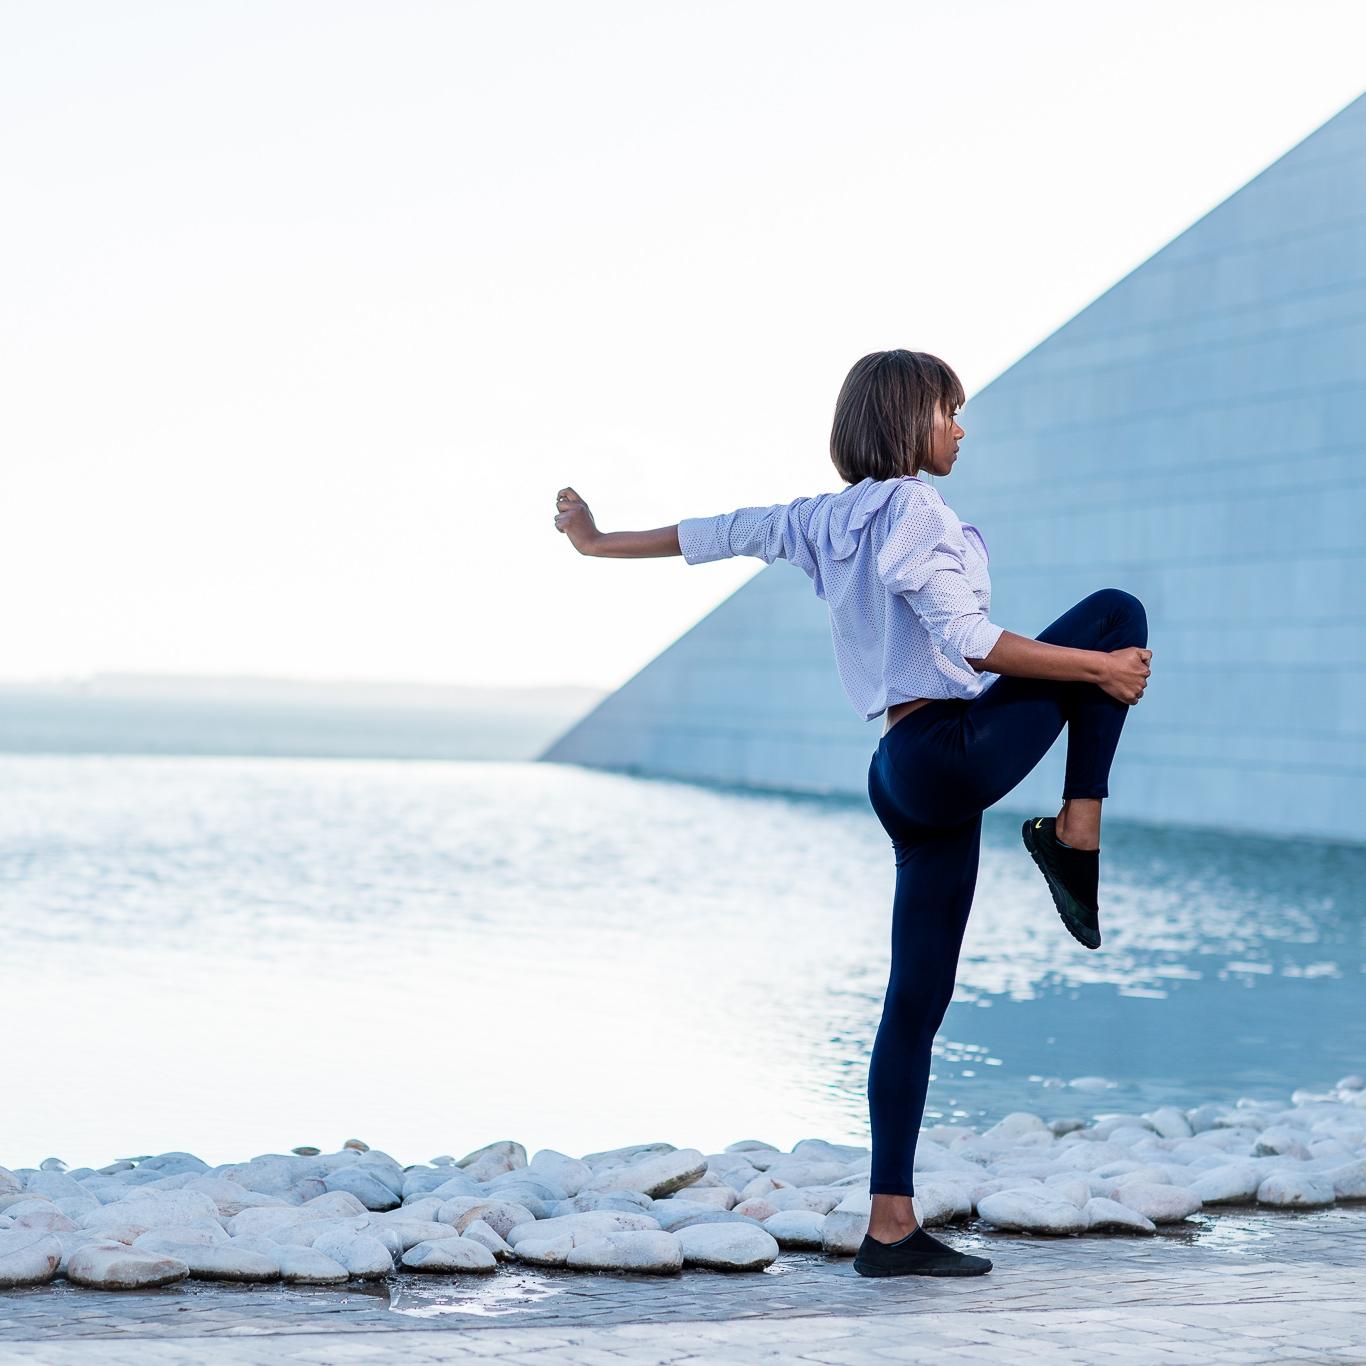 yoga, pilates, yoga ao domicílio, pilates ao domicílio, ioga em casa, em casa, ioga, domicílio, benefícios do pilates